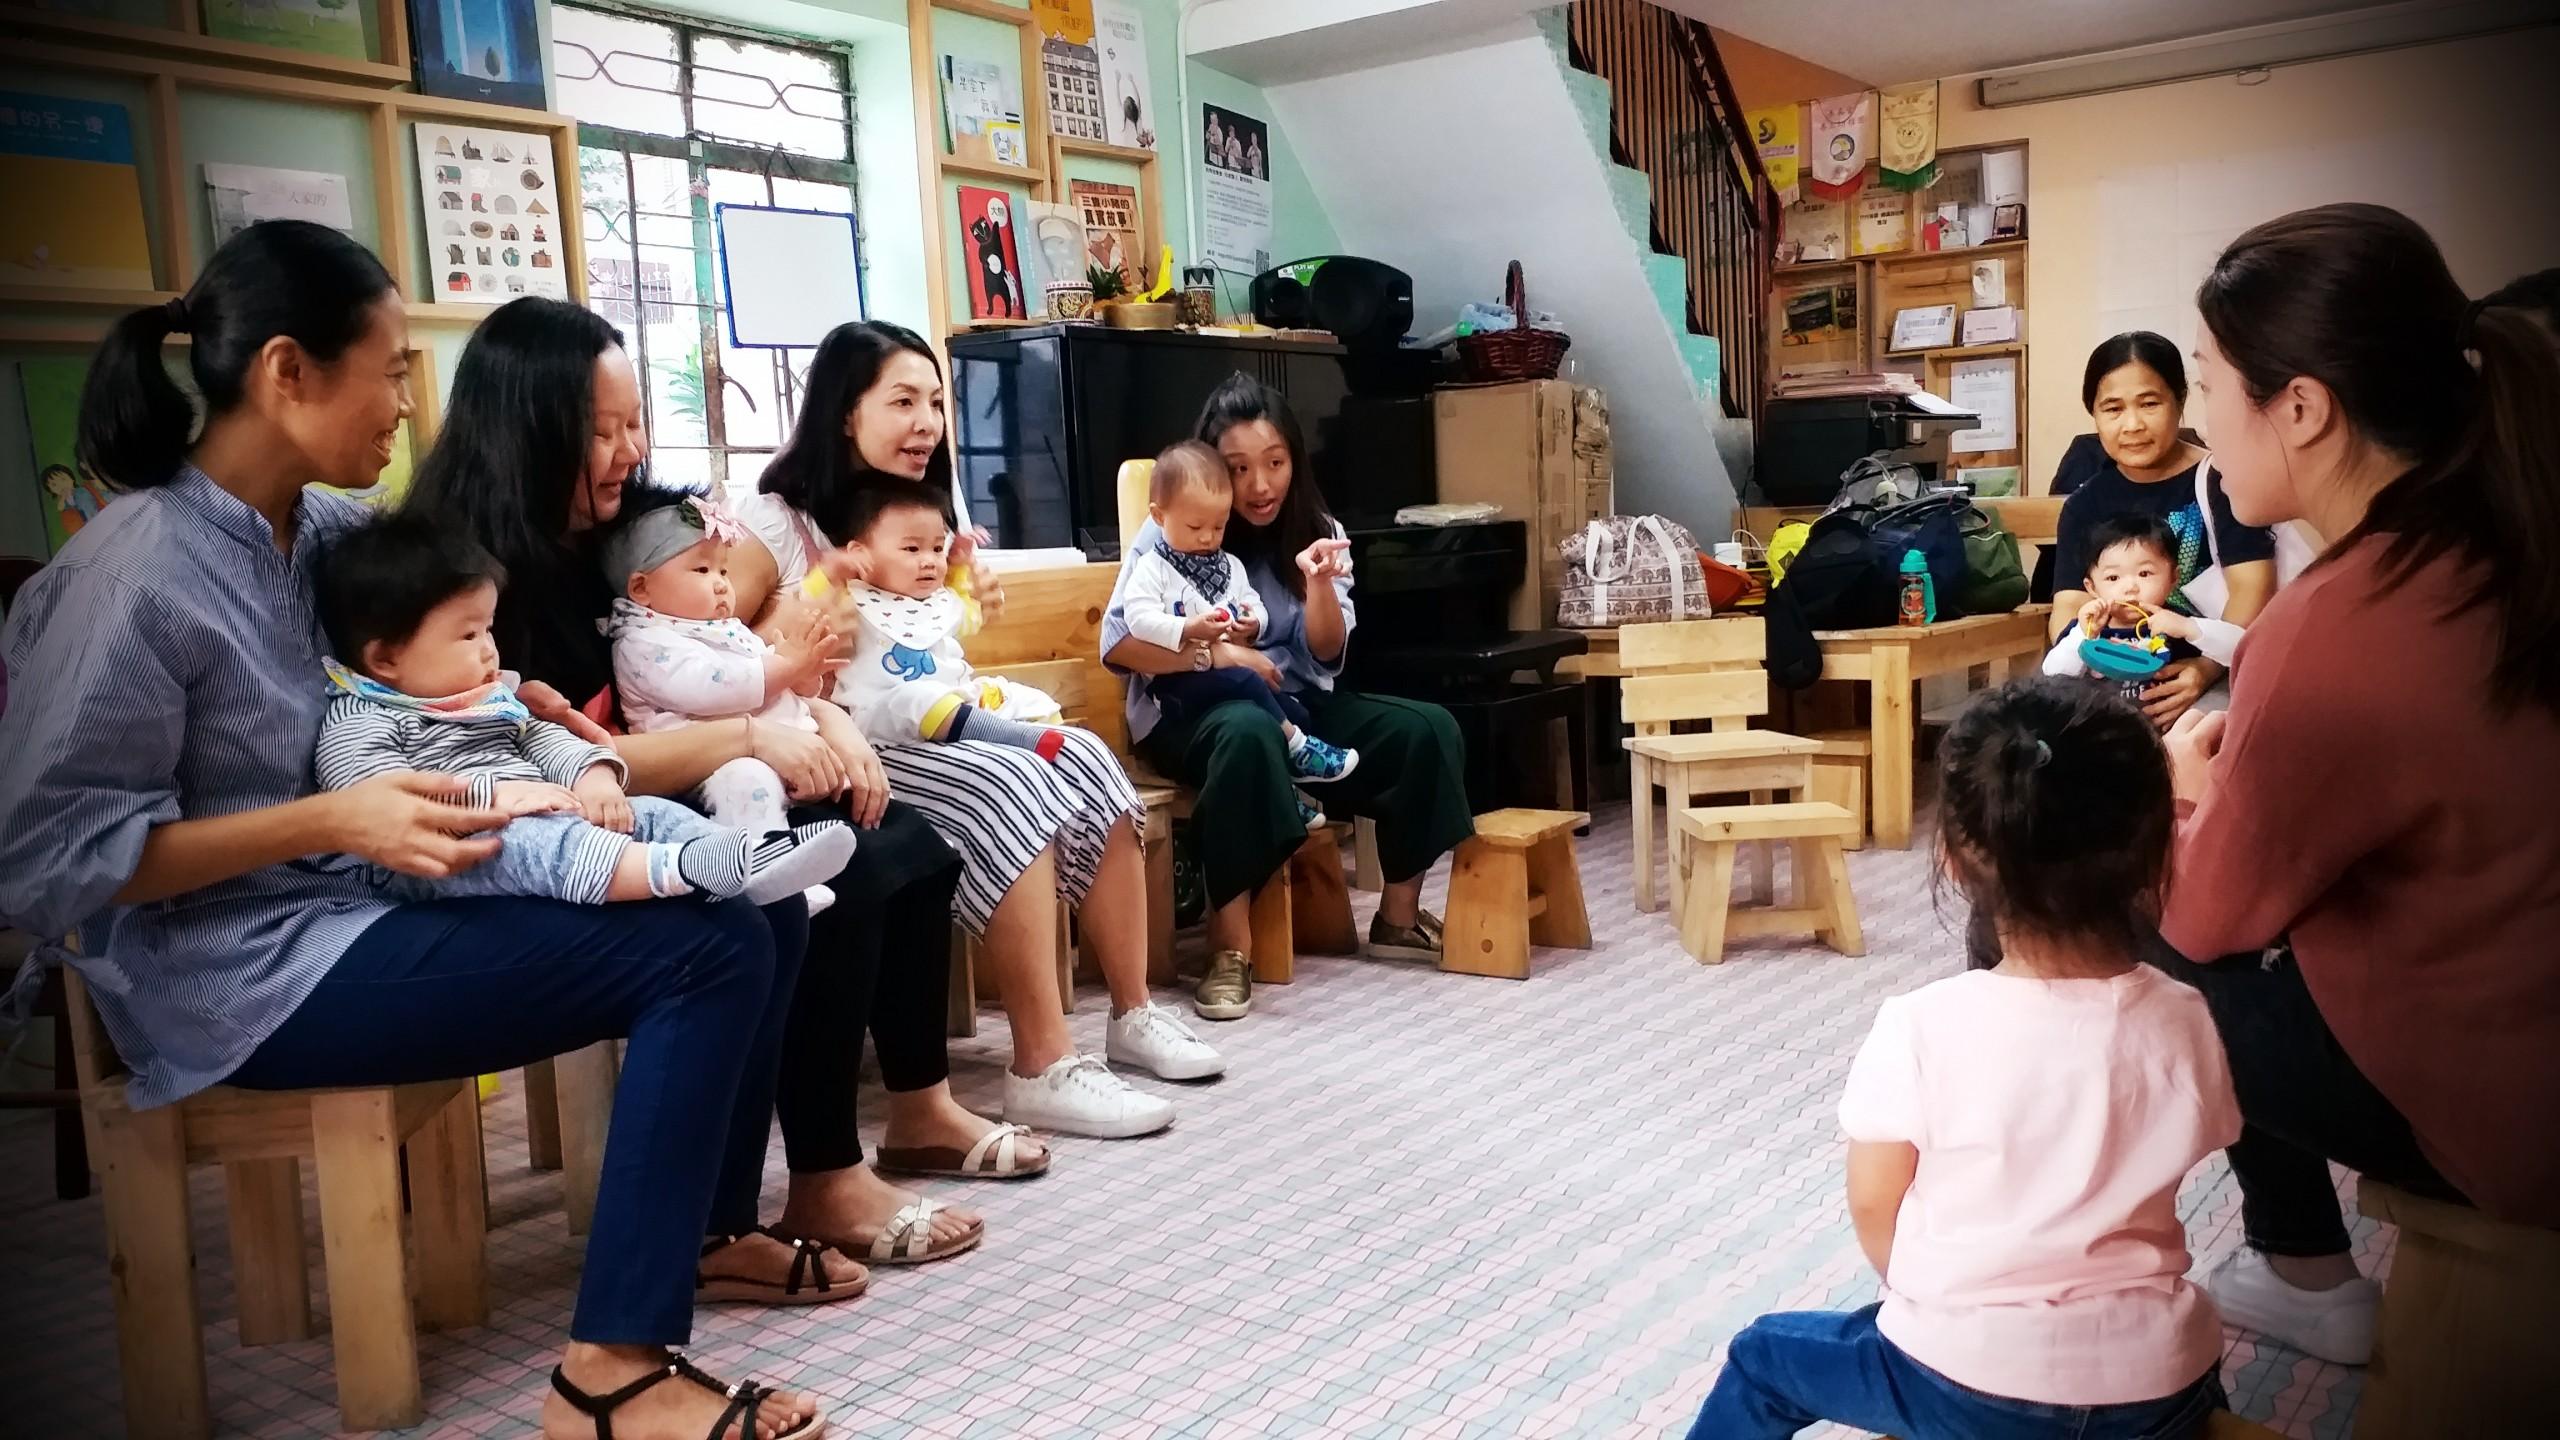 百好繪本士多|寶寶繪本故事時間#1月(適合 0-3歲孩子和照顧者)